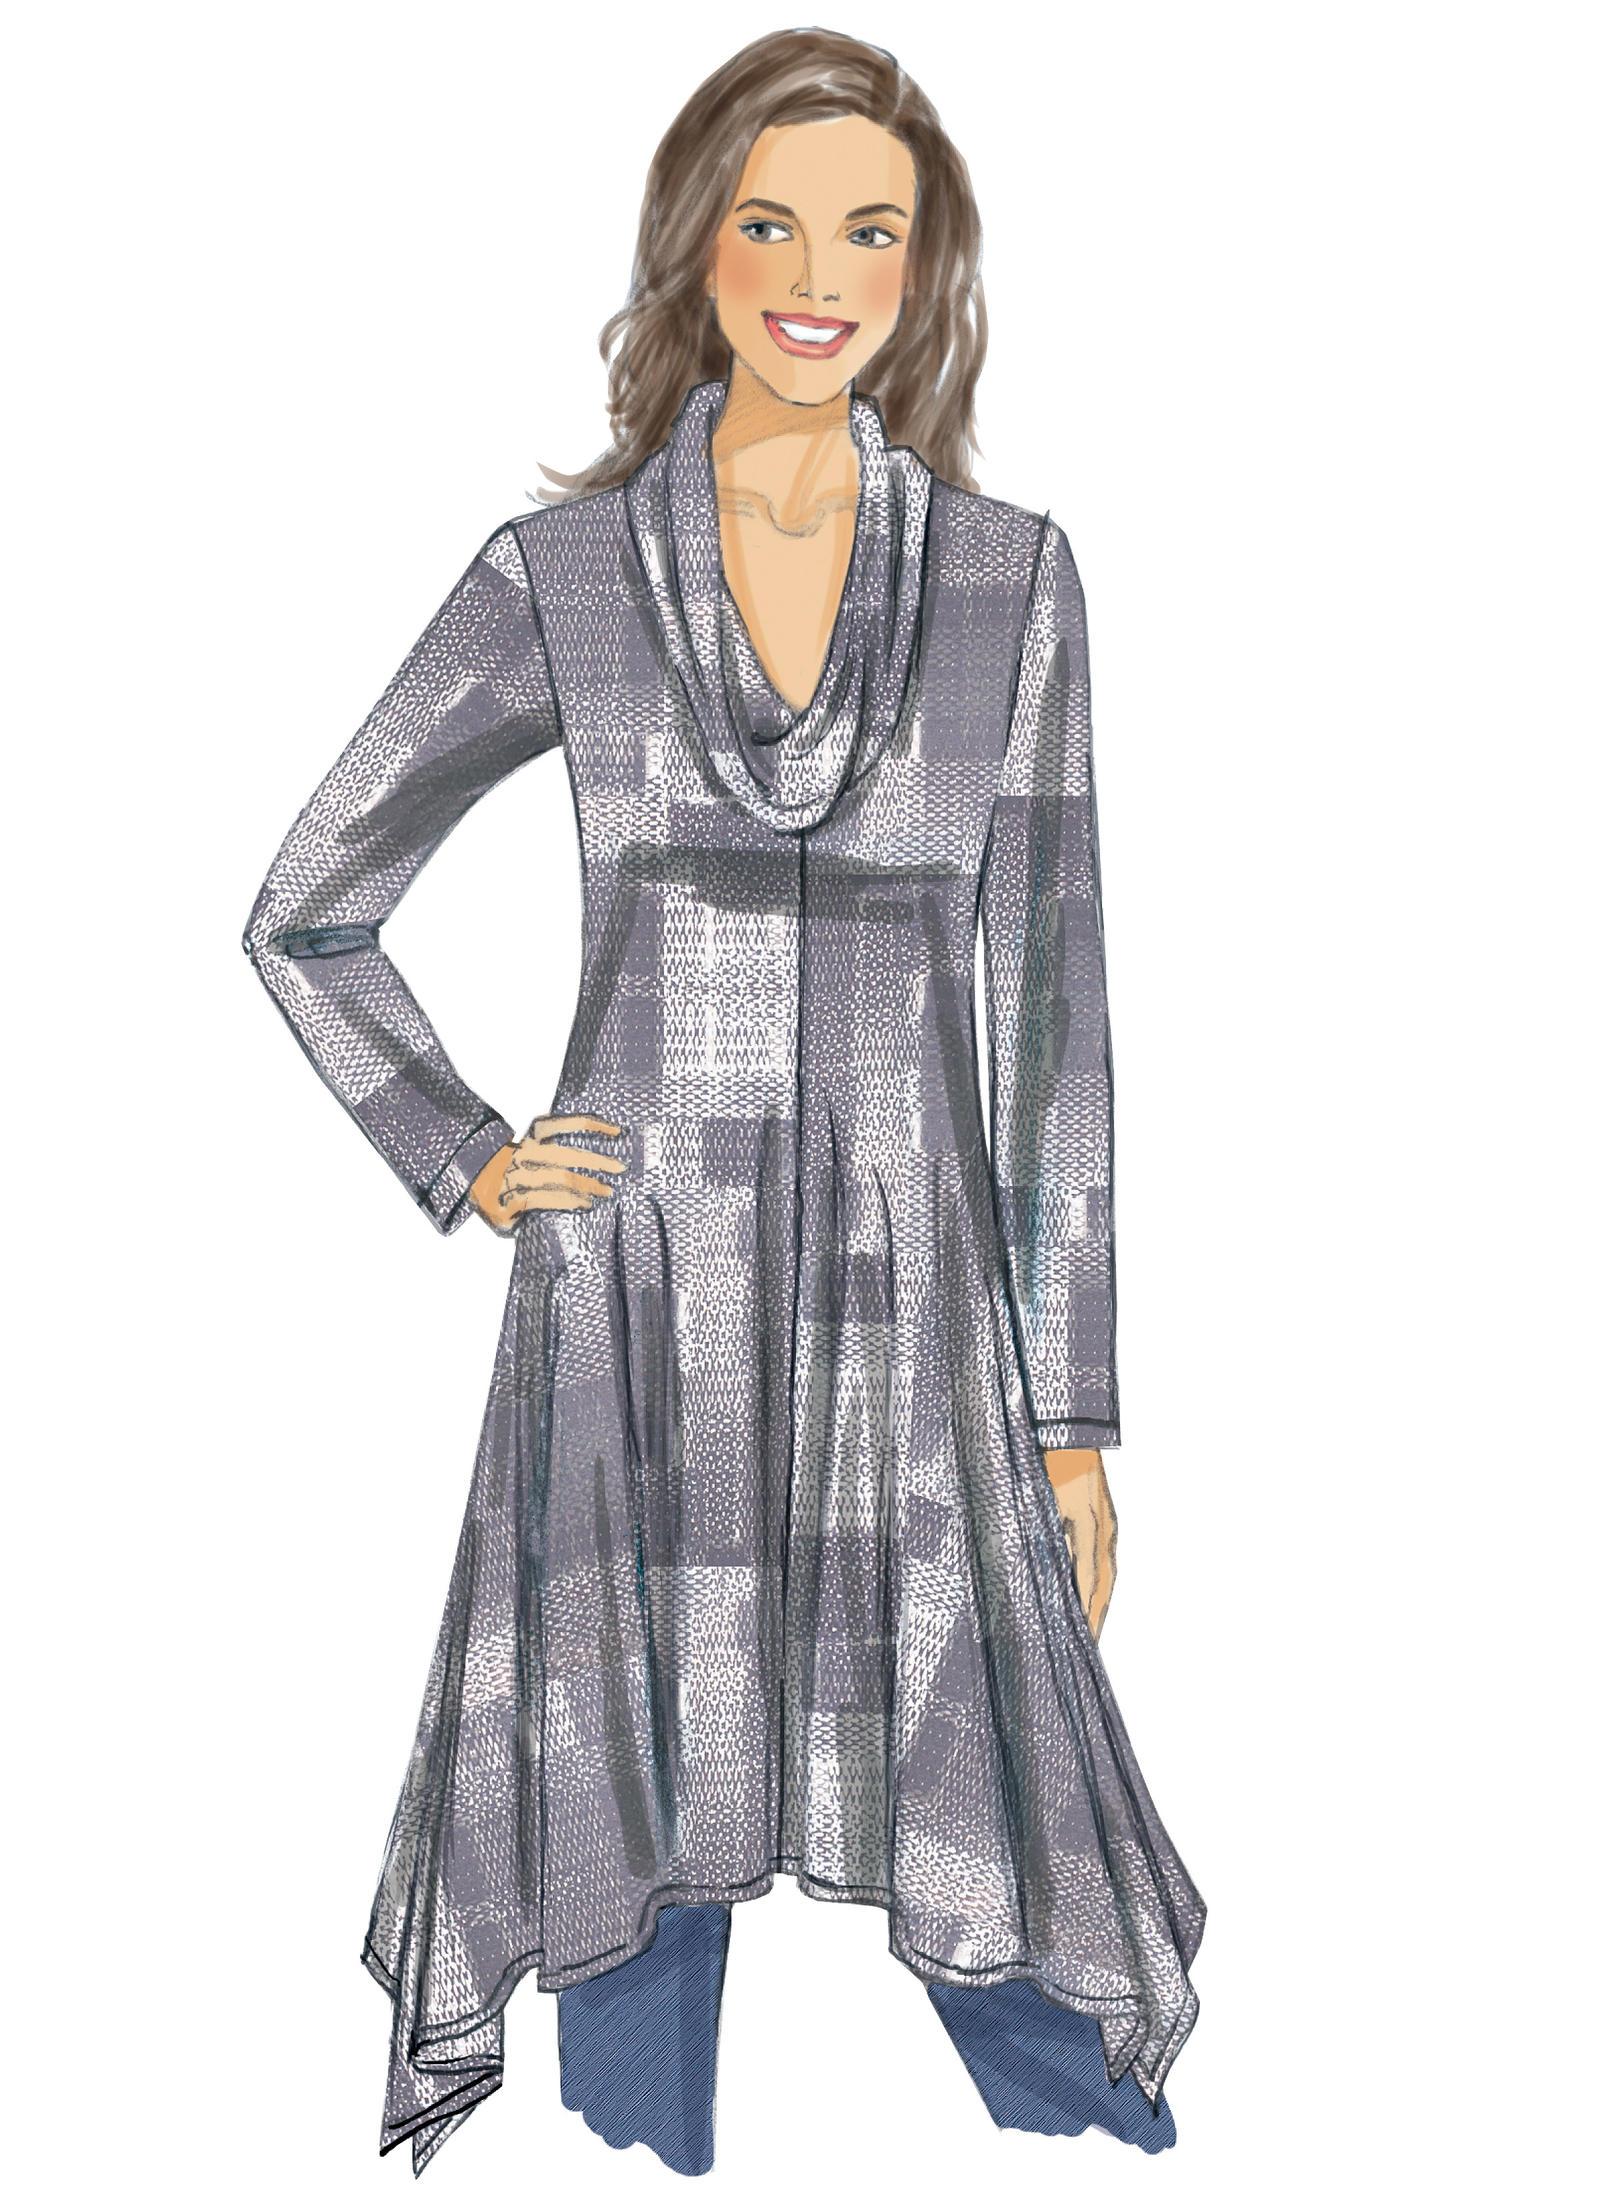 Vogue Patterns 9224 MISSES'/MISSES' PETITE HANDKERCHIEF